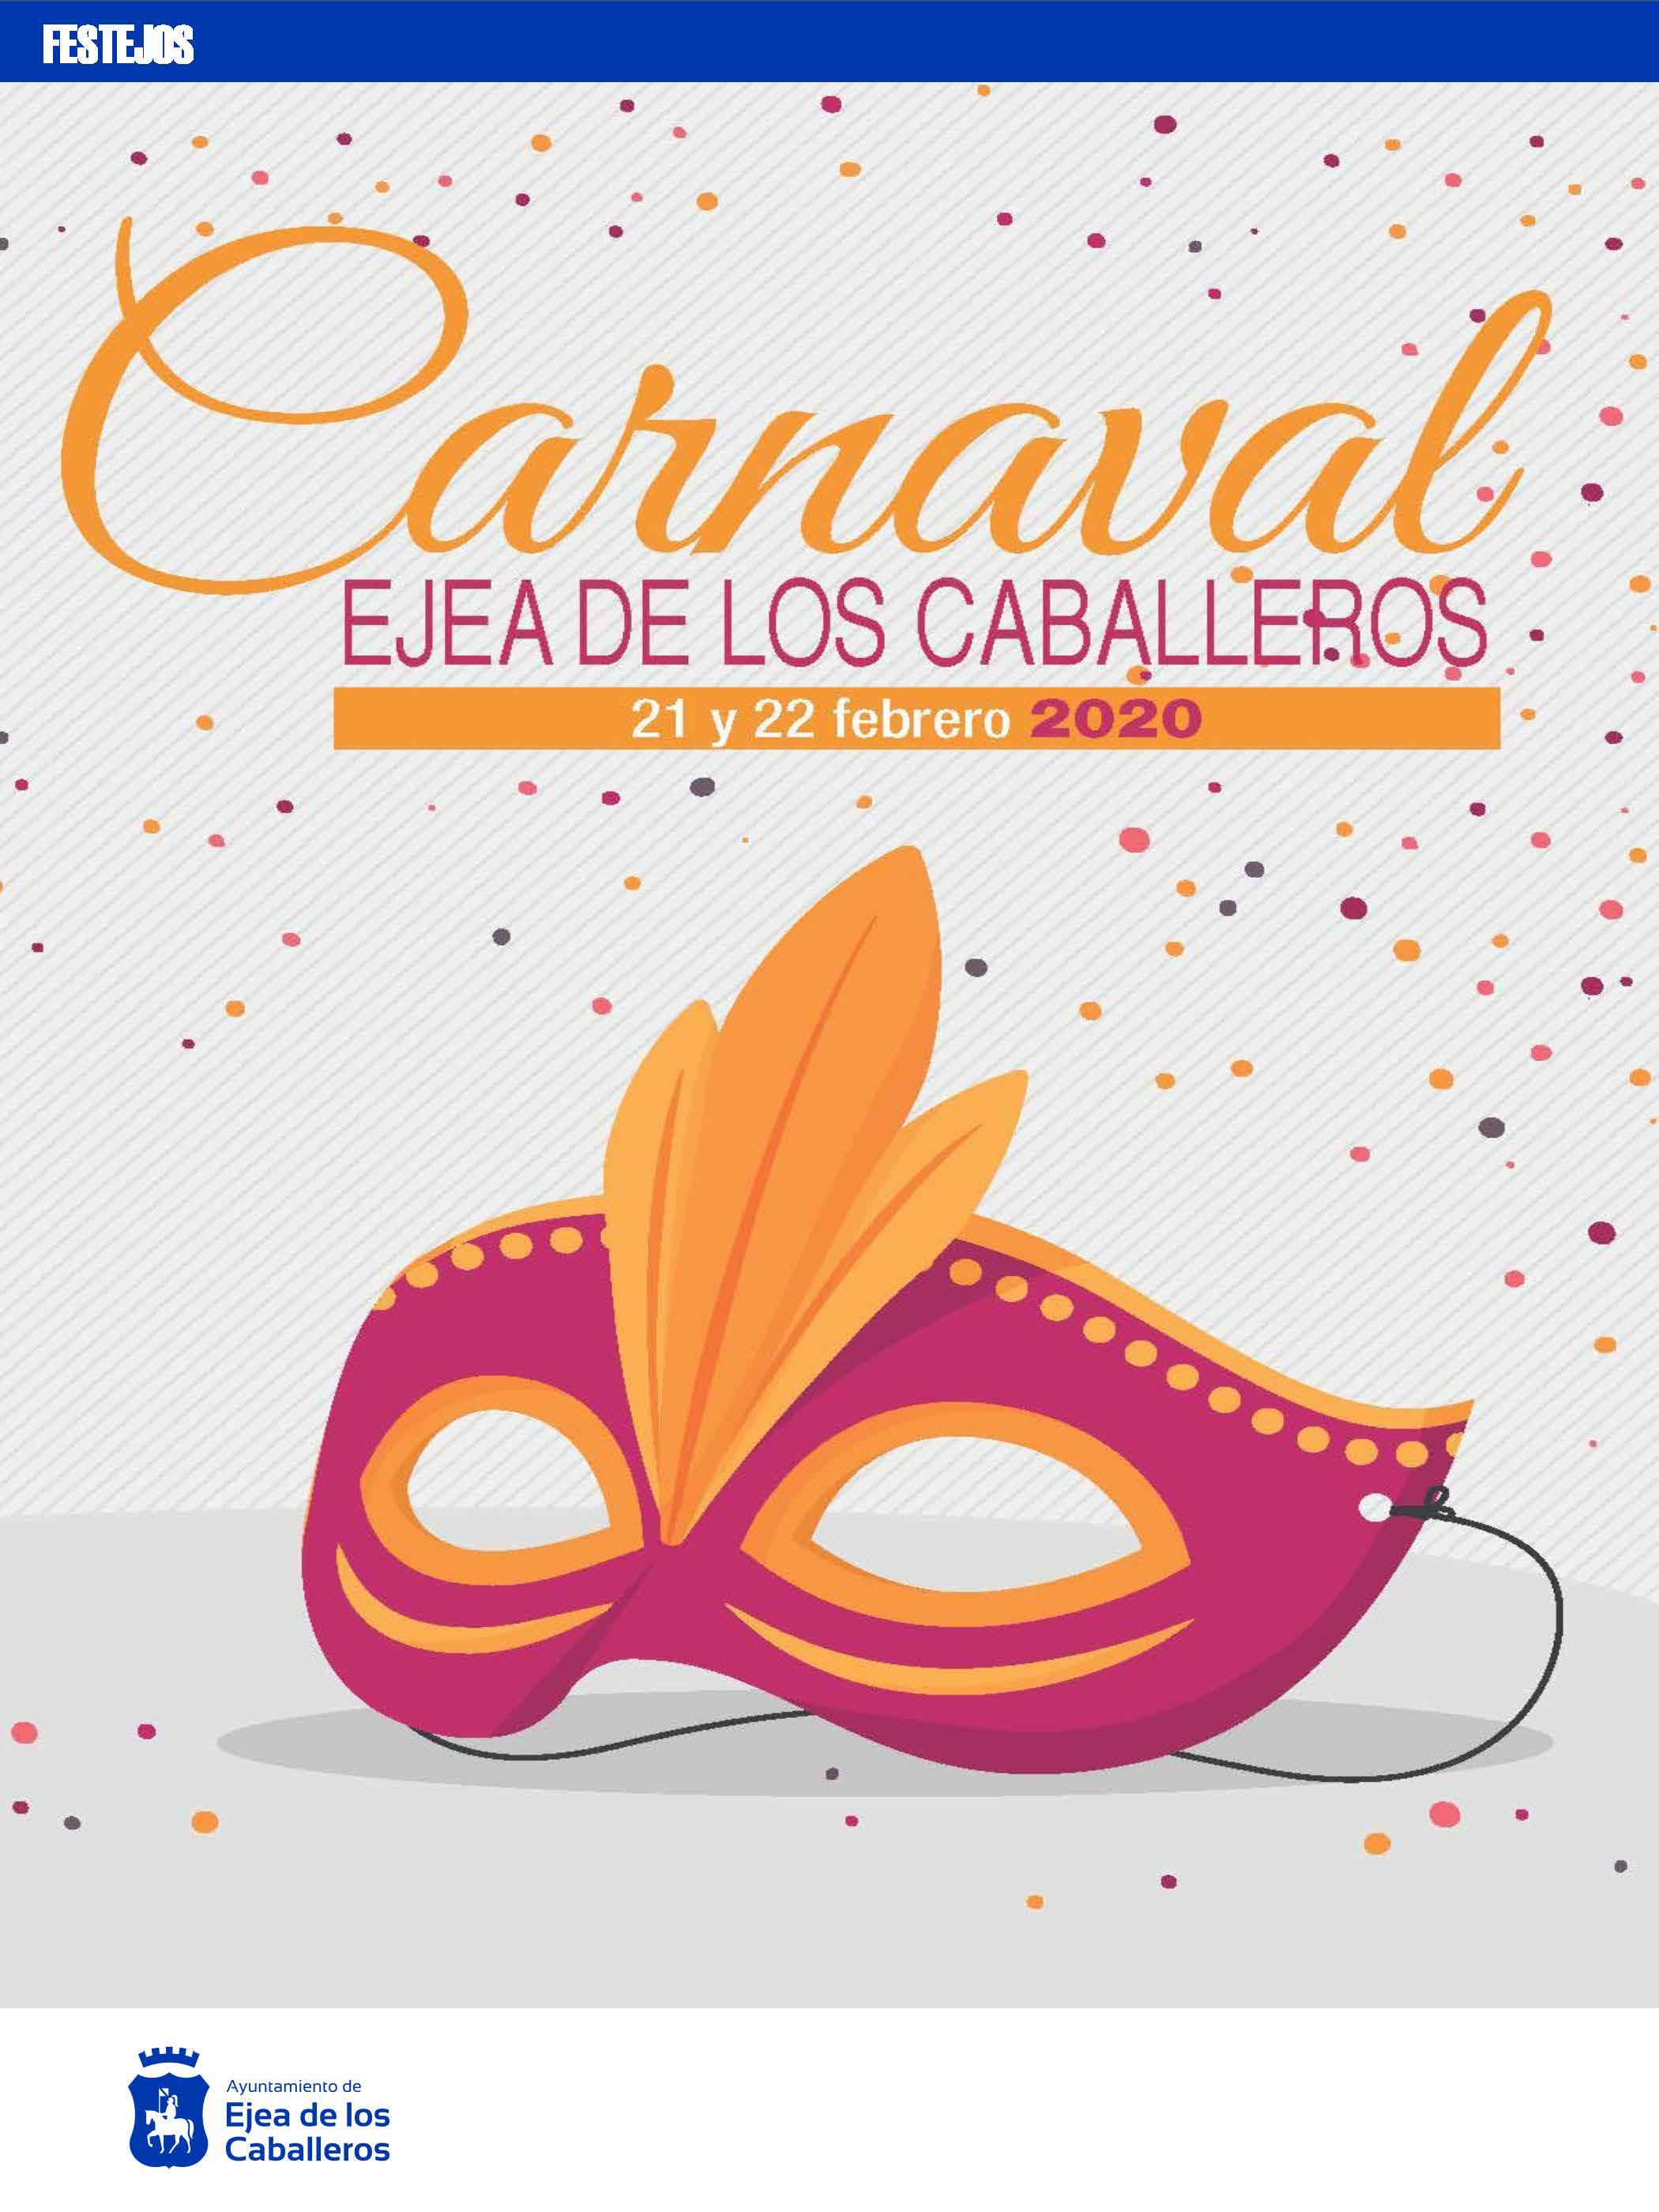 Ejea se prepara para celebrar el Carnaval 2020, durante los días 21 y 22 de febrero